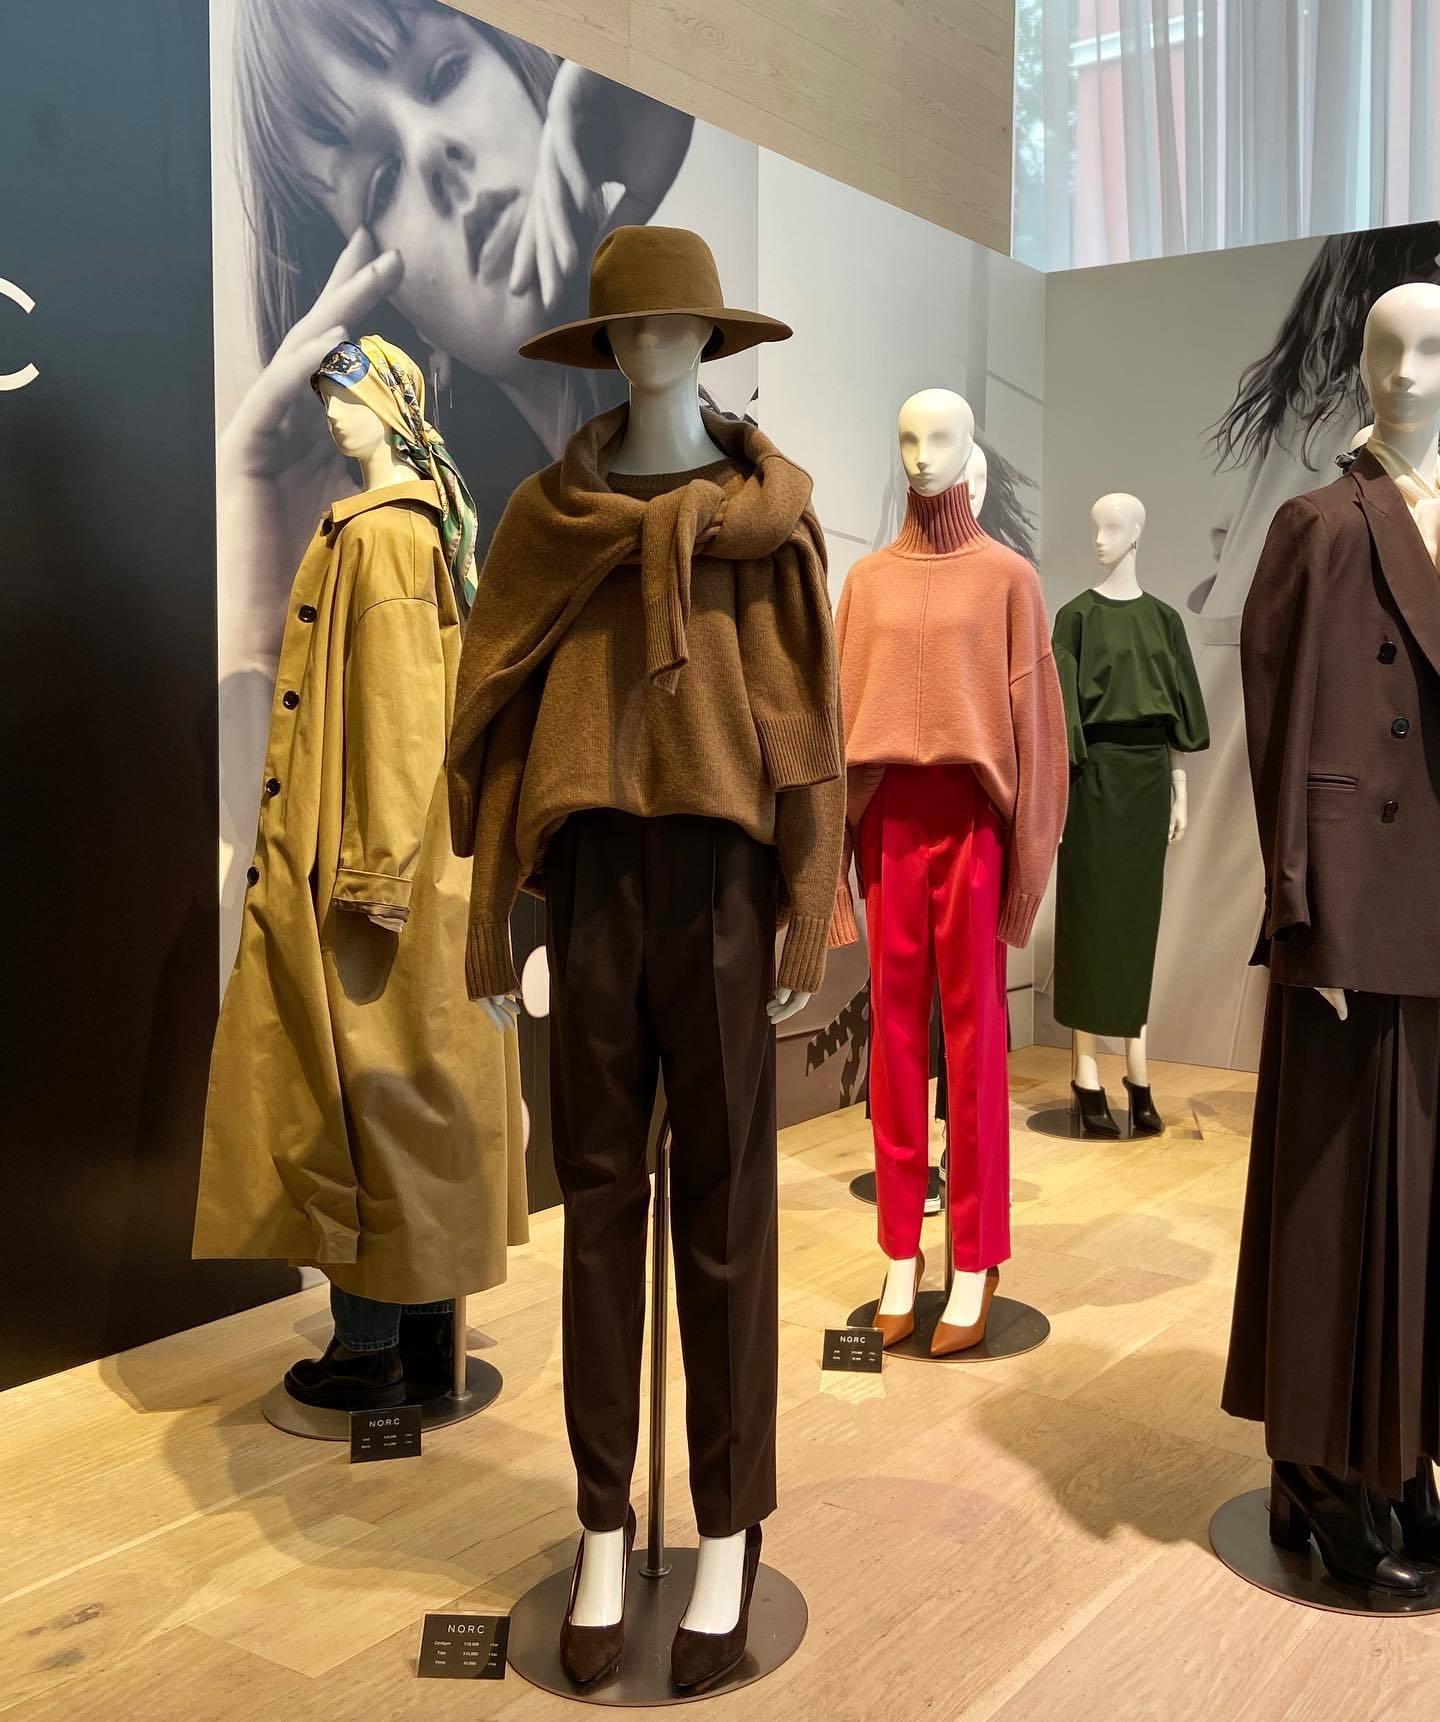 人気ブランド「N.O.R.C」の秋冬展示会で見つけた同色ニットの肩がけがカッコいい!_1_1